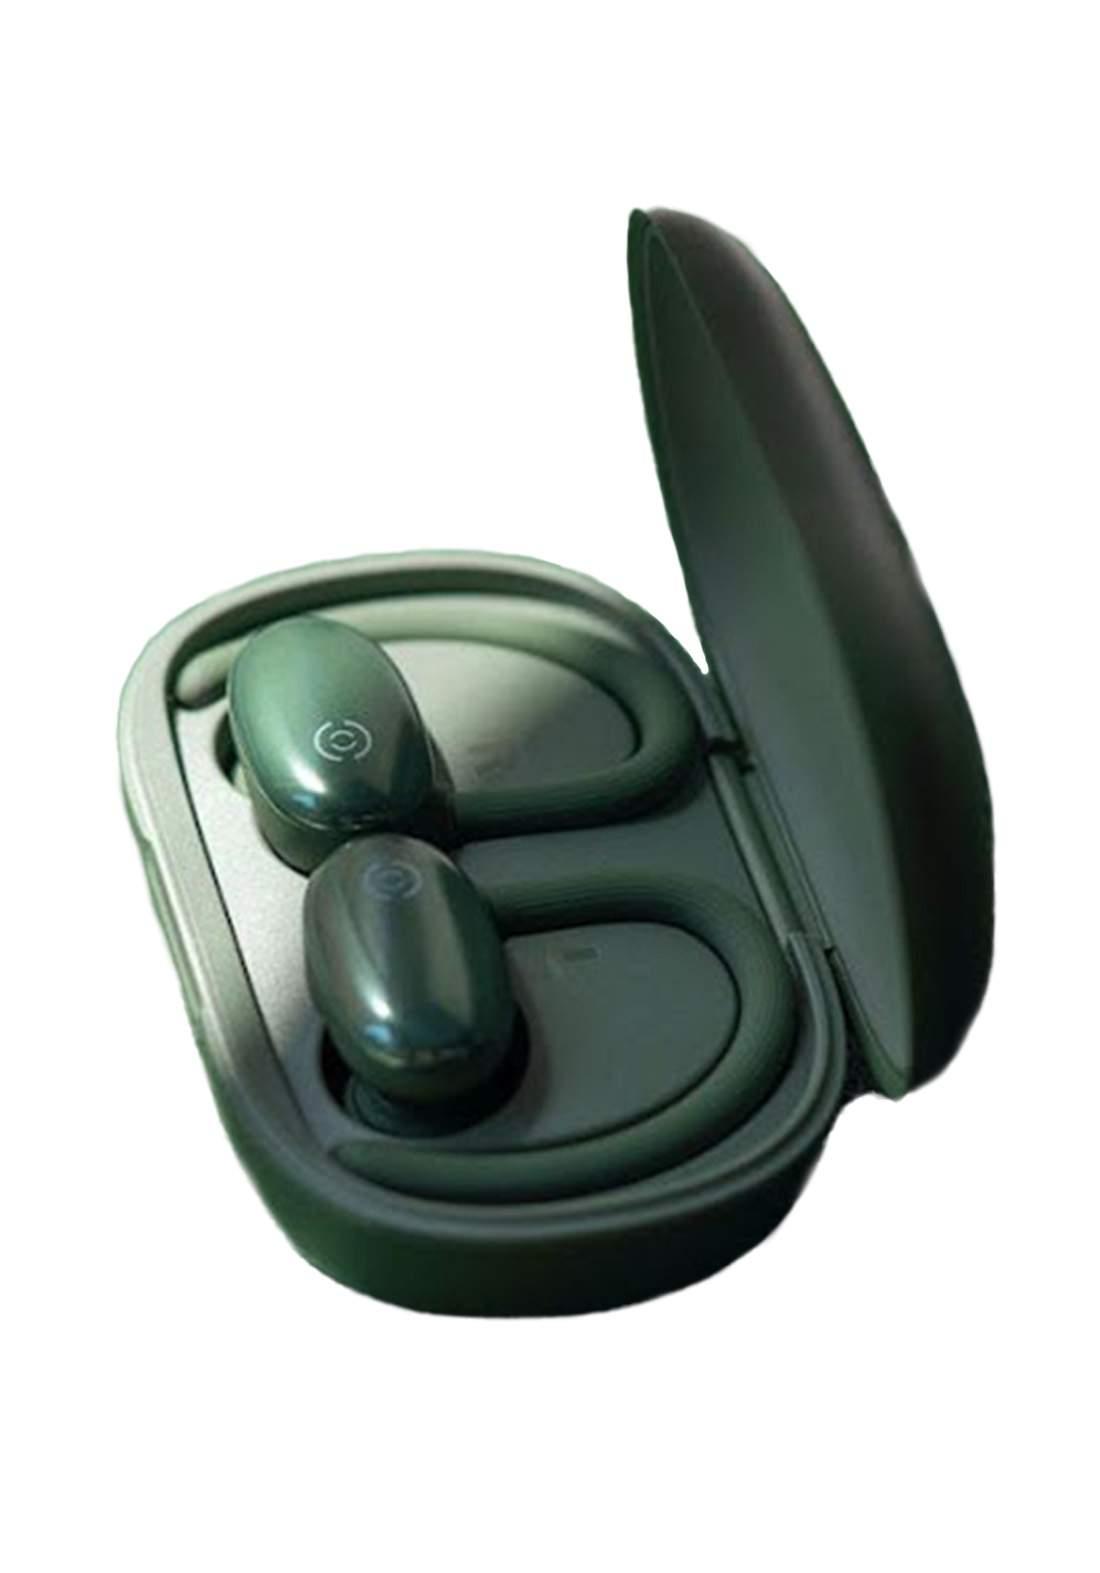 Momax Joyfit True Wireless Earphones-Green سماعات لا سلكية